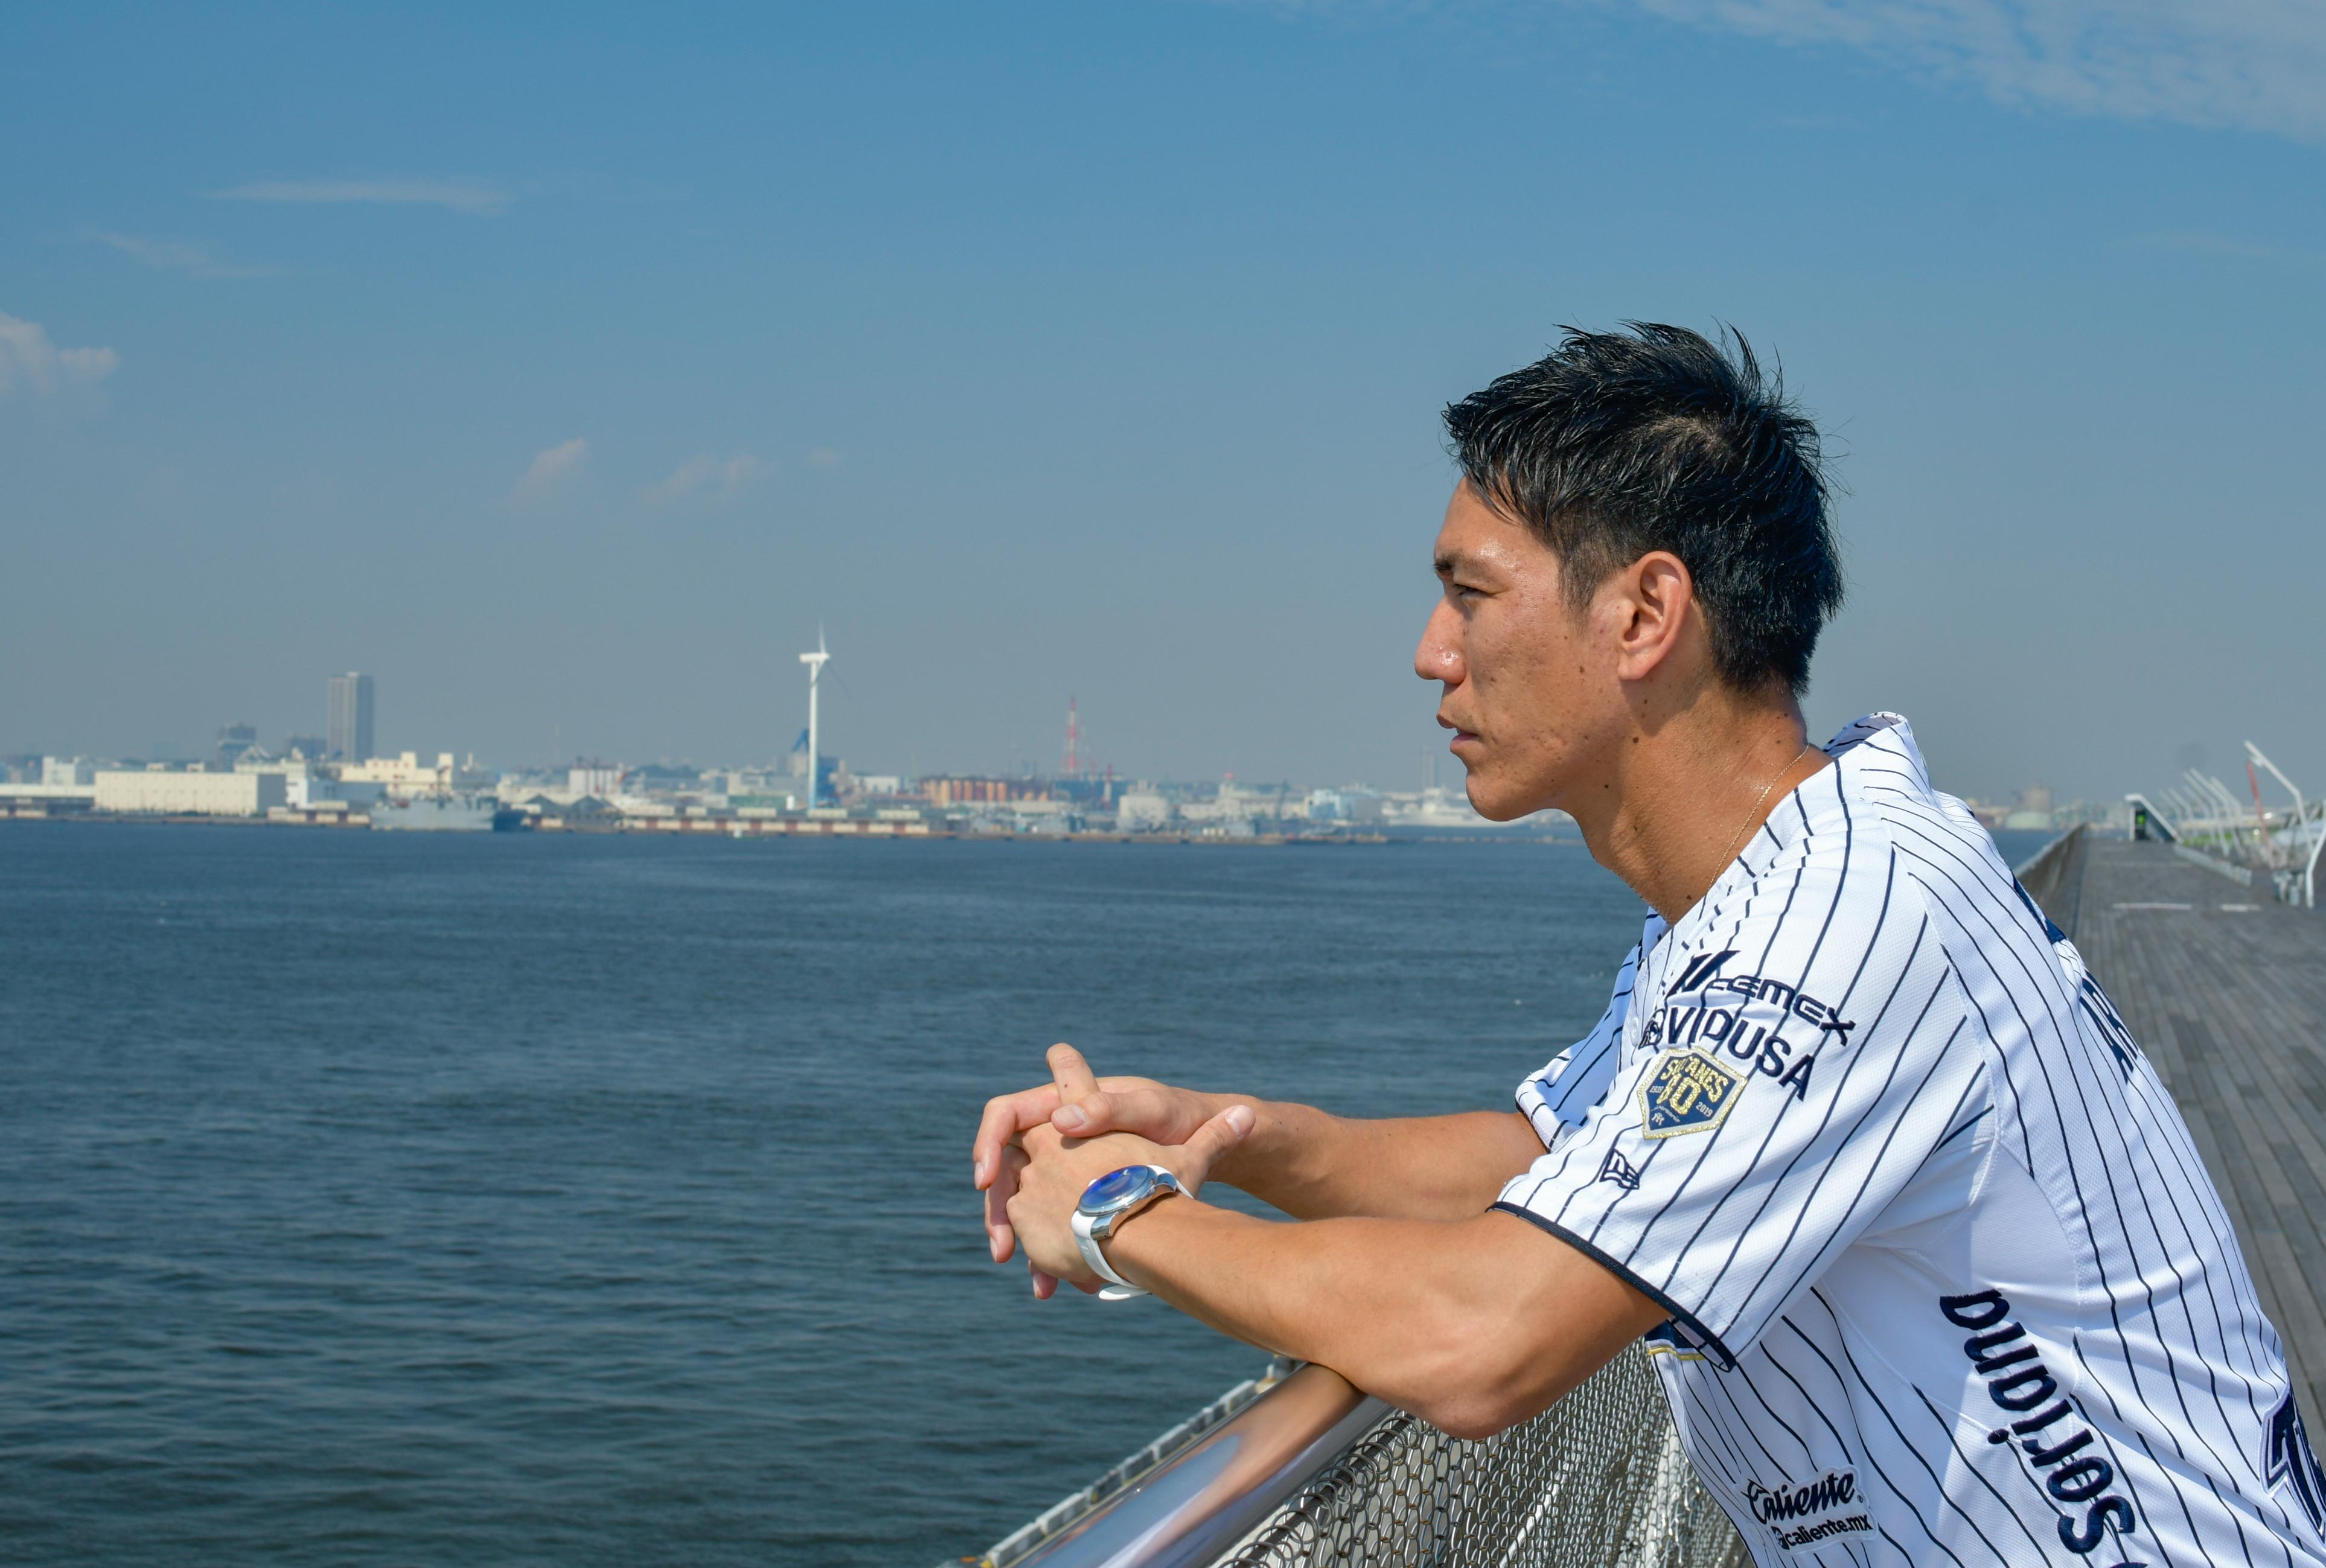 元・横浜DeNAベイスターズの荒波翔さんが海を背景に座っている所を横から撮った写真